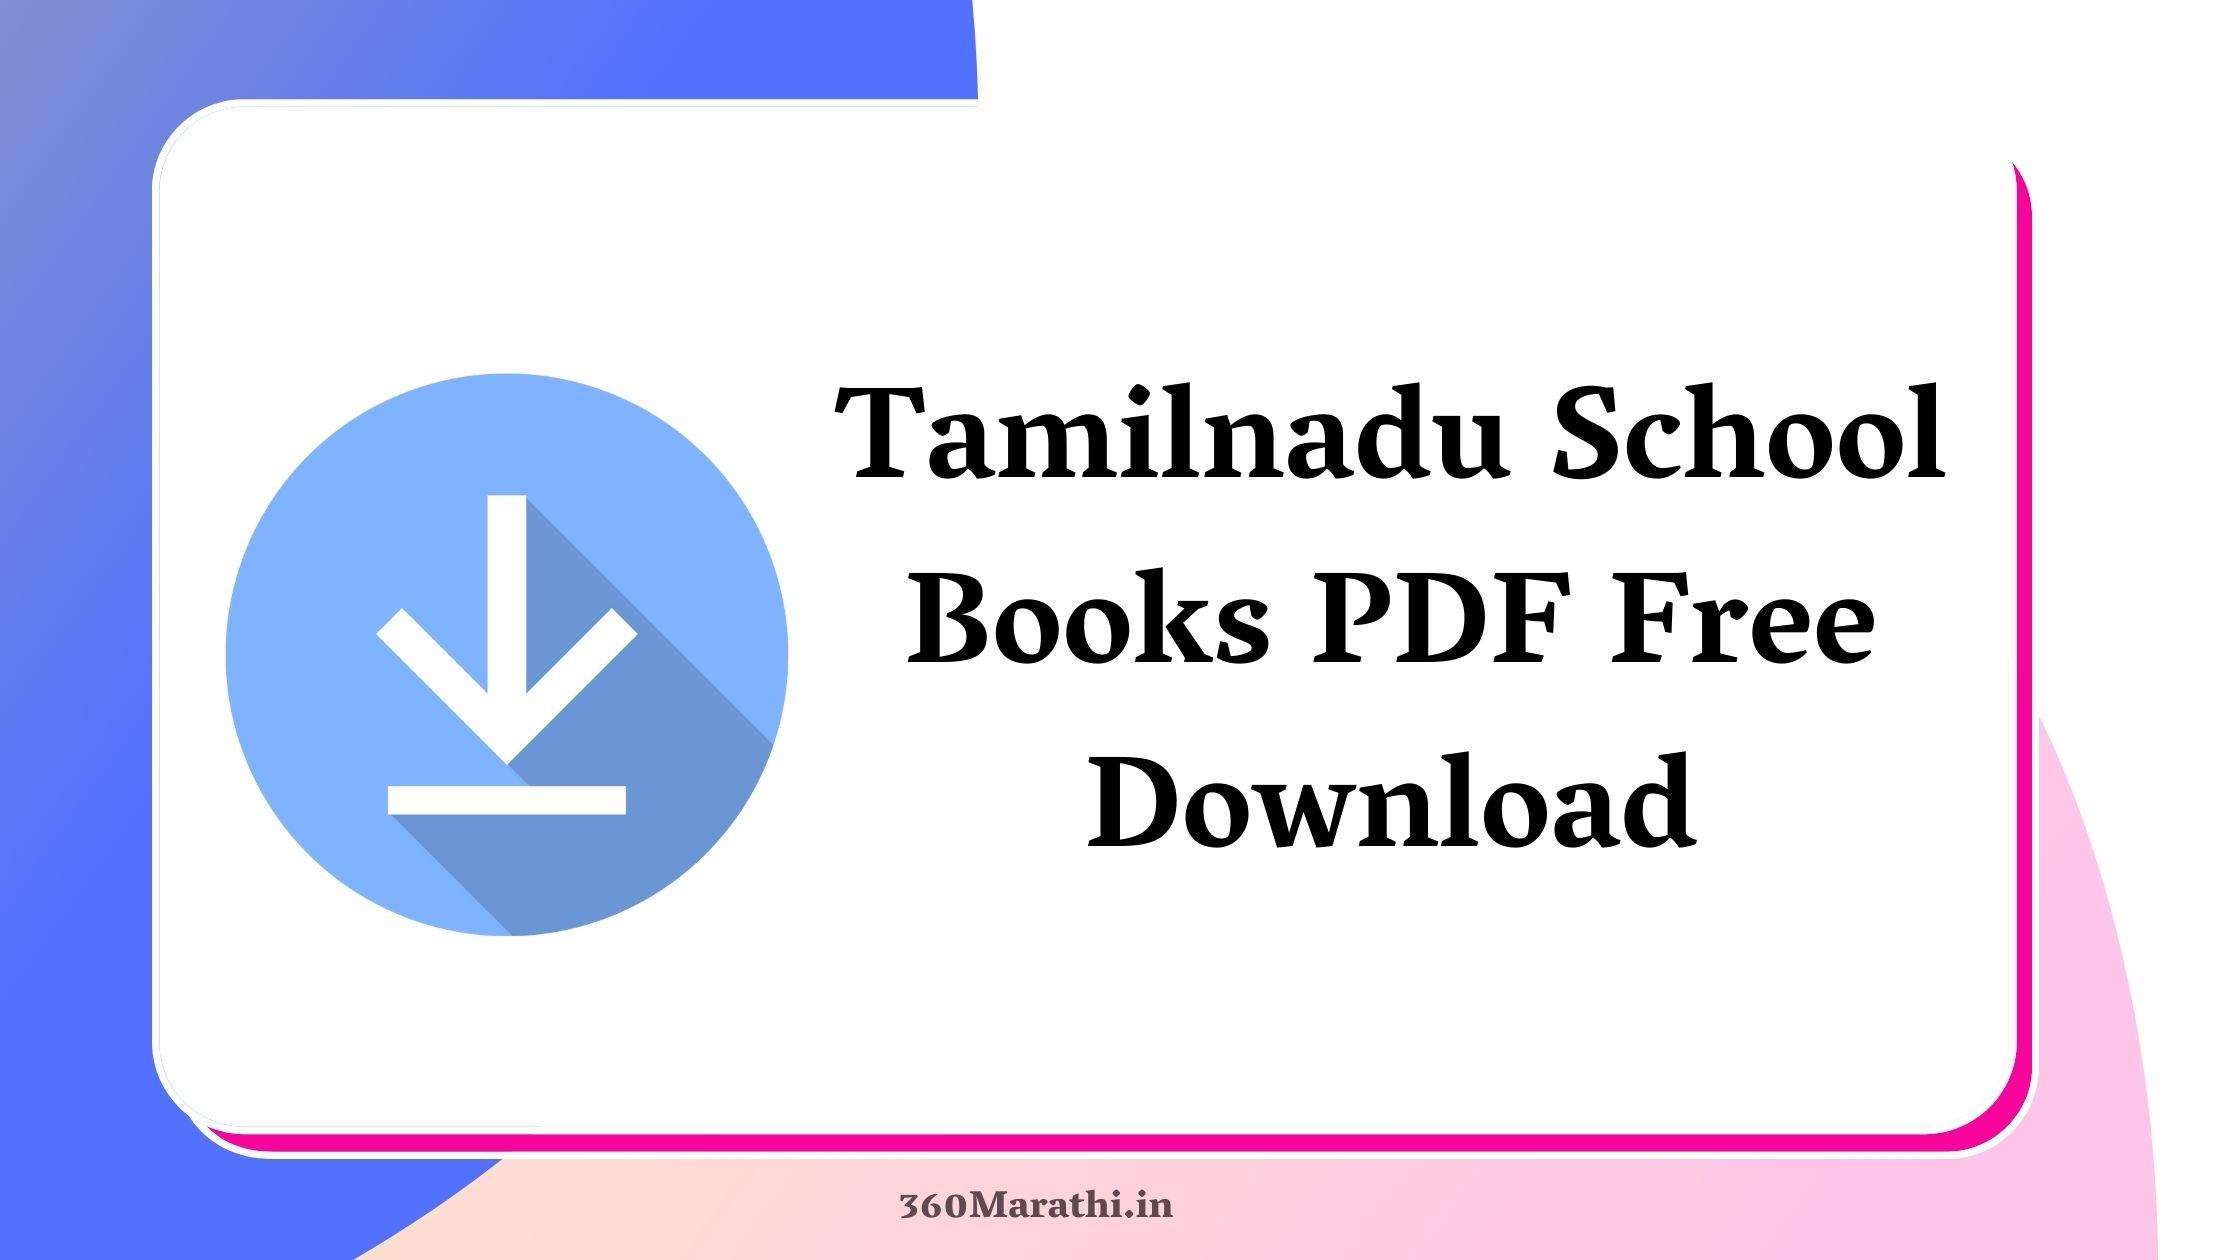 Tamilnadu School Books PDF Free Download